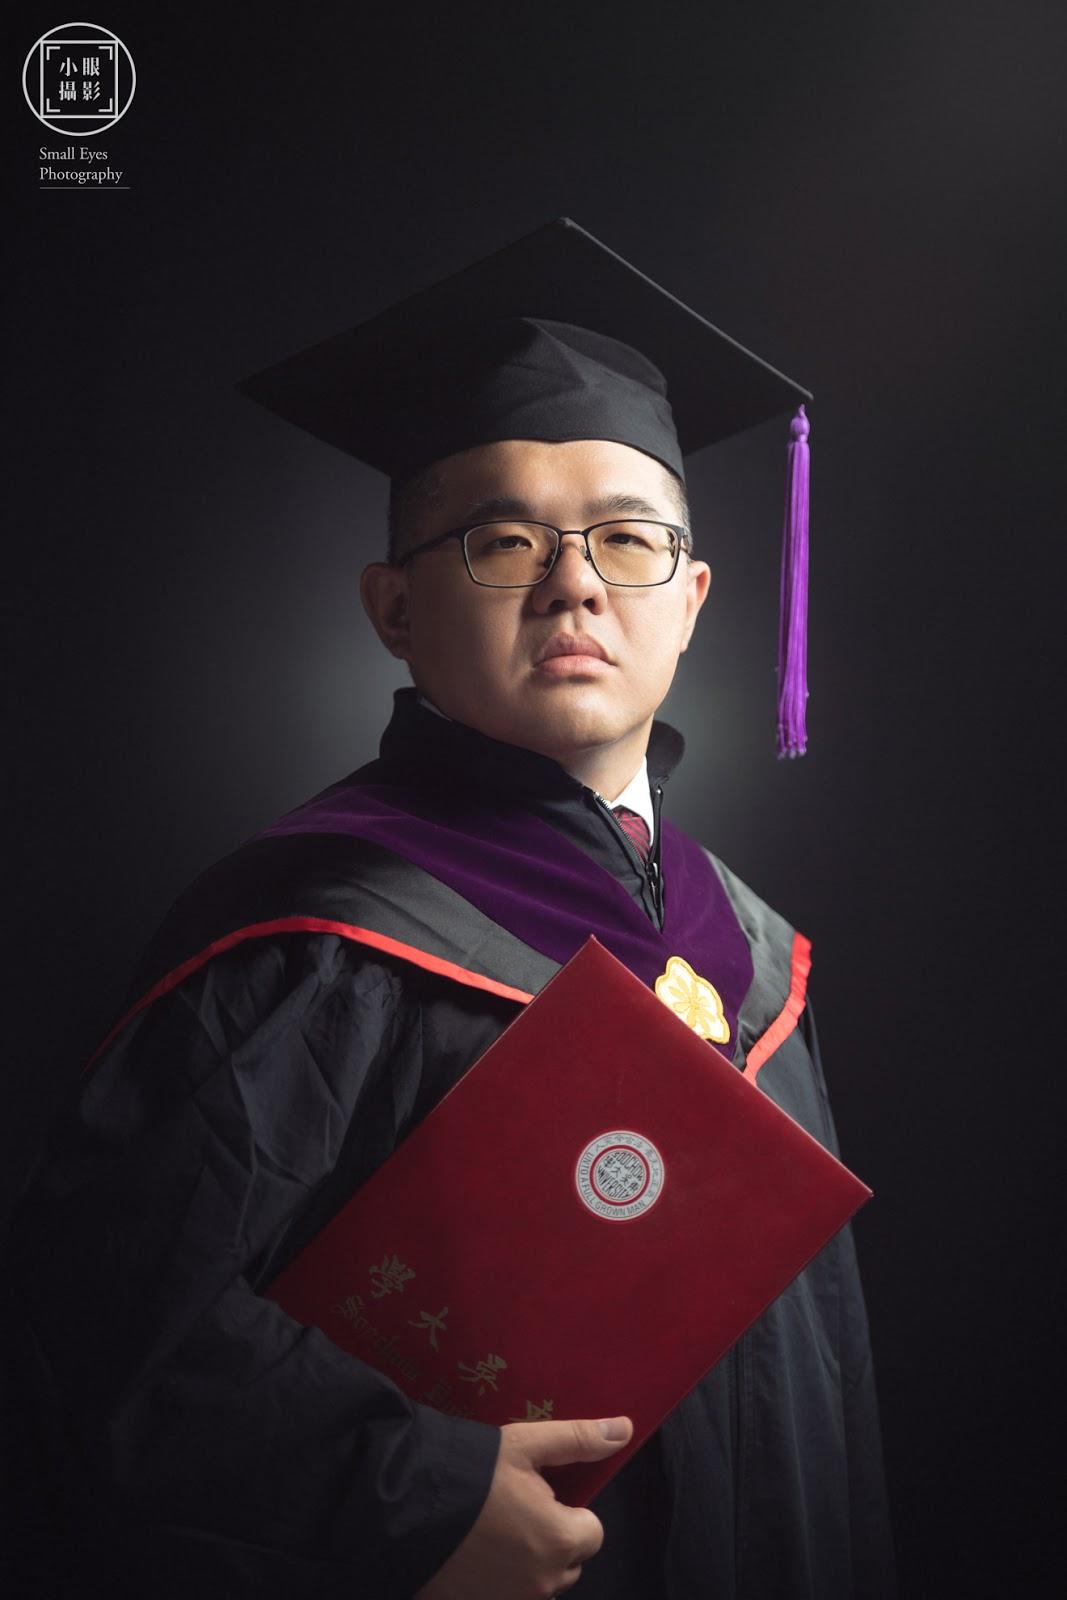 小眼攝影,人像寫真,企業形象,形象拍攝,人像拍攝,肖像,大頭照,東吳大學,大學,碩士,碩班,學士,在職專班,畢業照,深色,黑色,背景,質感,大頭照